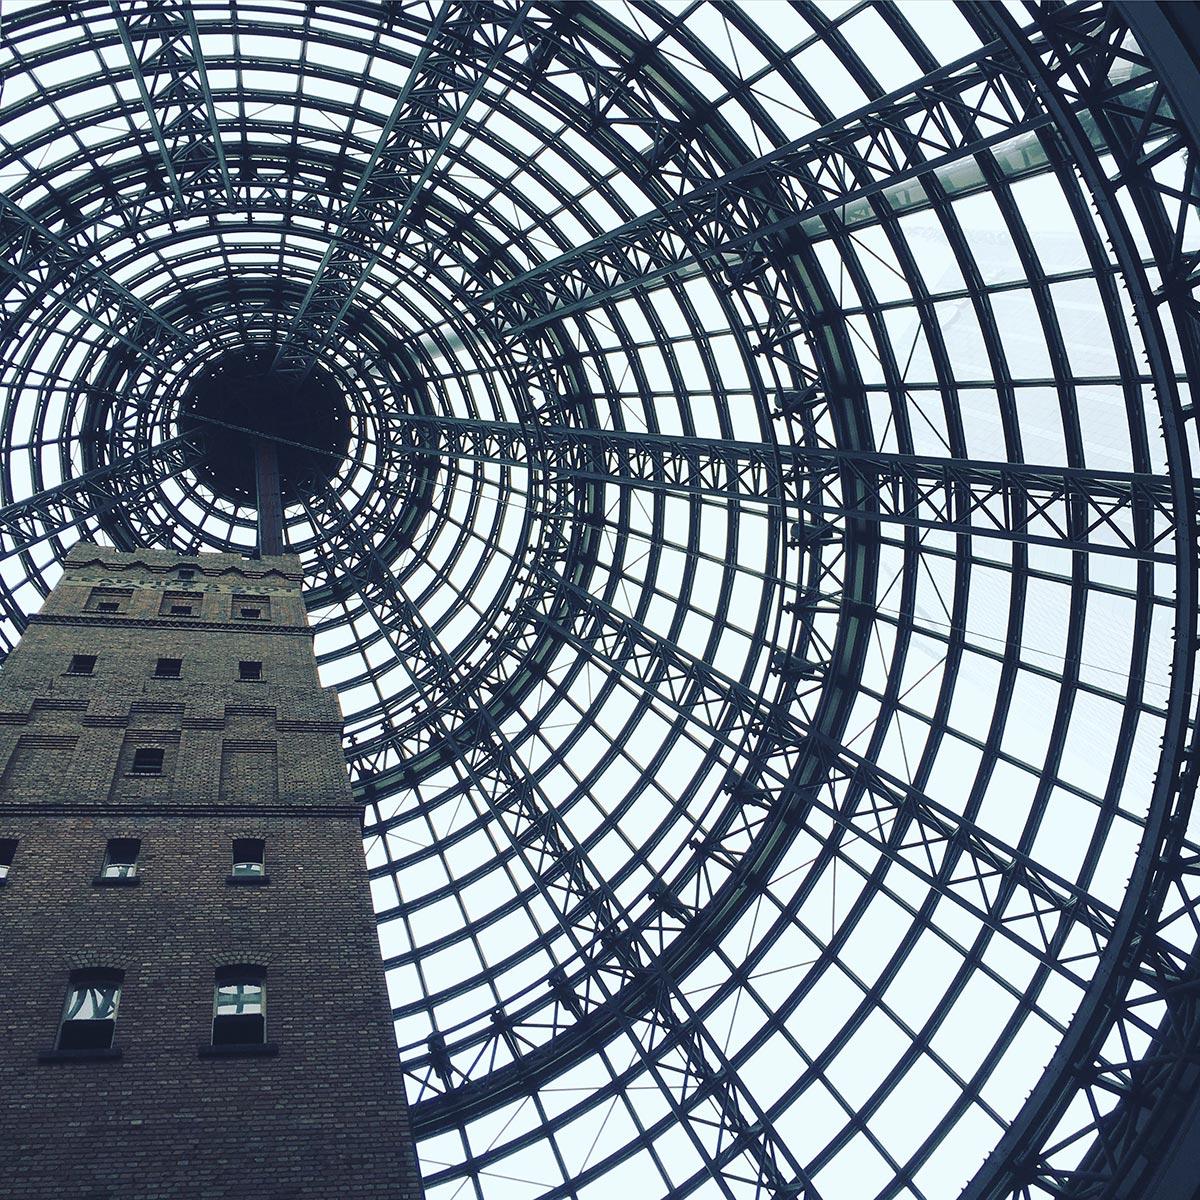 Inside Melbourne Central